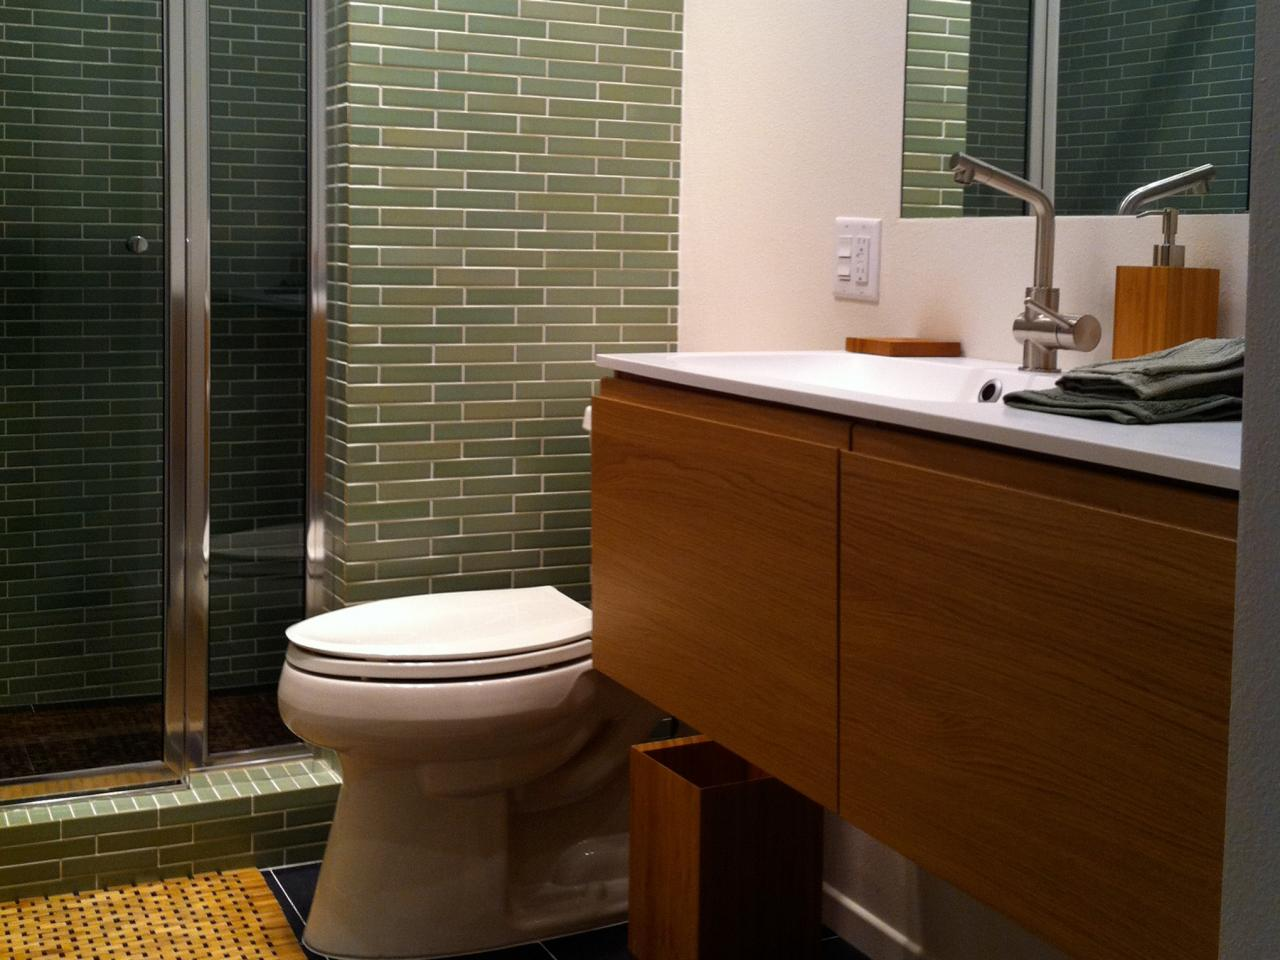 RMS-emanueljay_bathroom-mid-century-modern-vanity-toilet-shower-tile_s4x3.jpg.rend.hgtvcom.1280.960